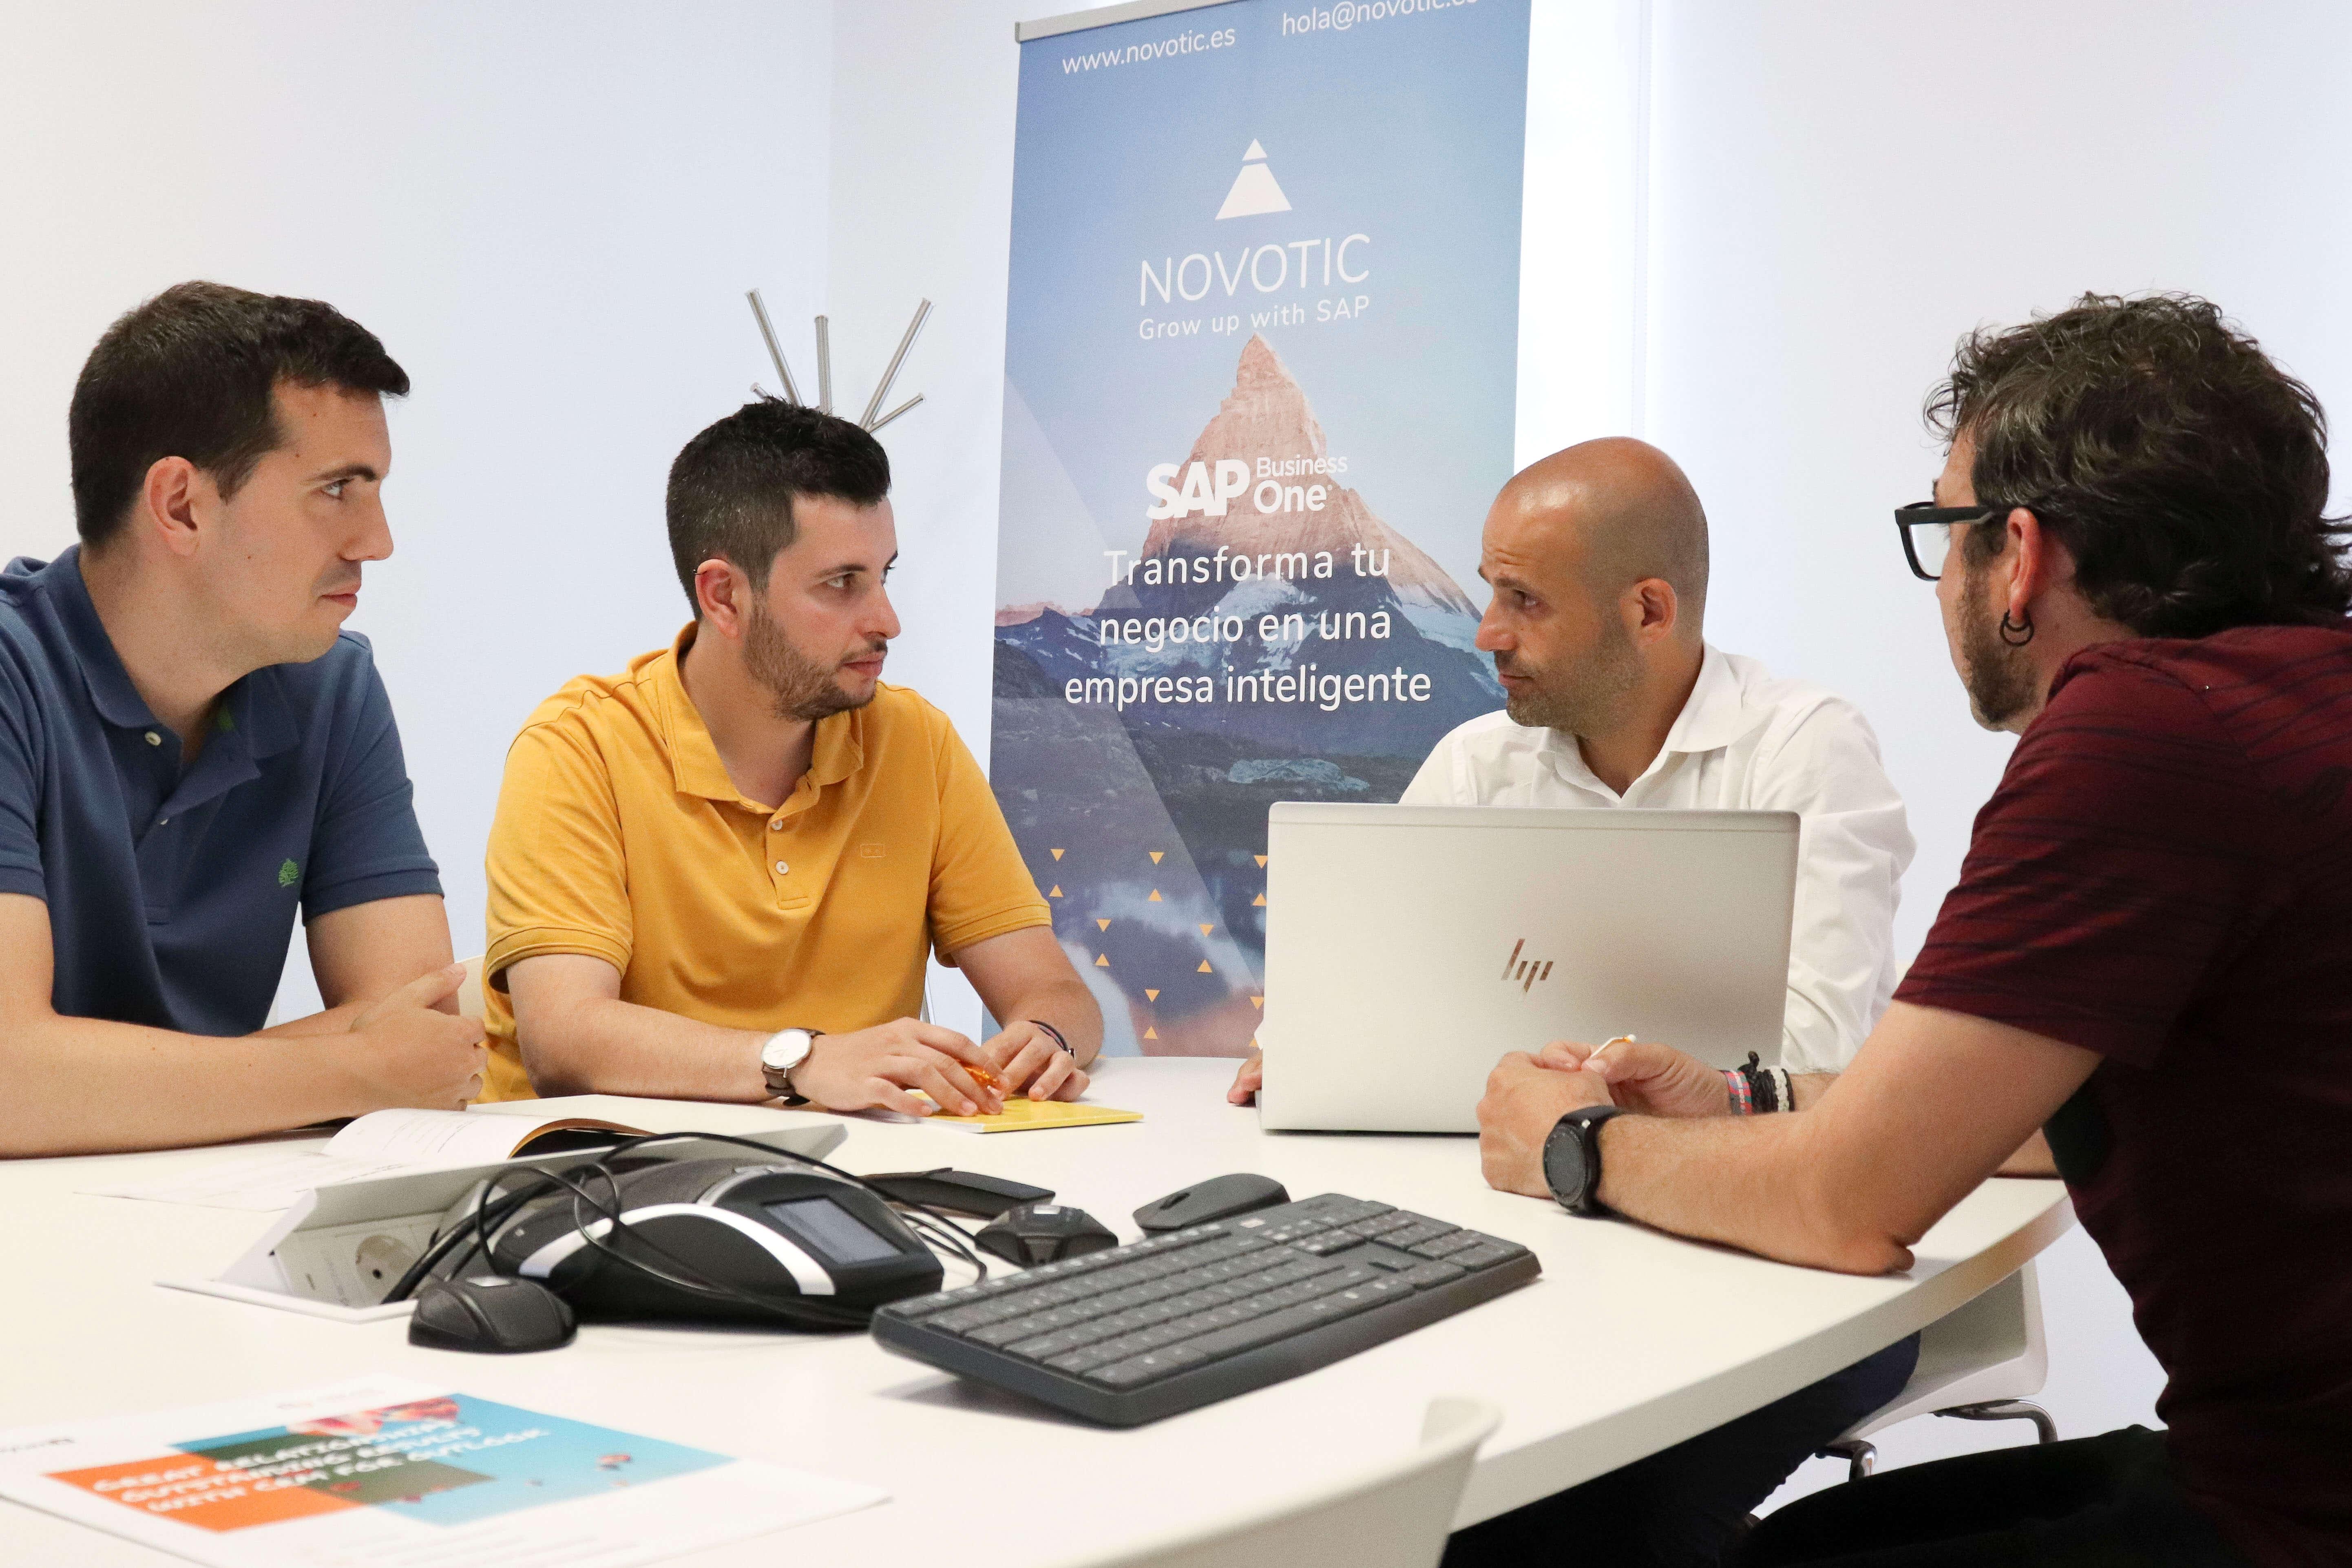 Nace NOVOTIC, la empresa riojana especializada en SAP 1